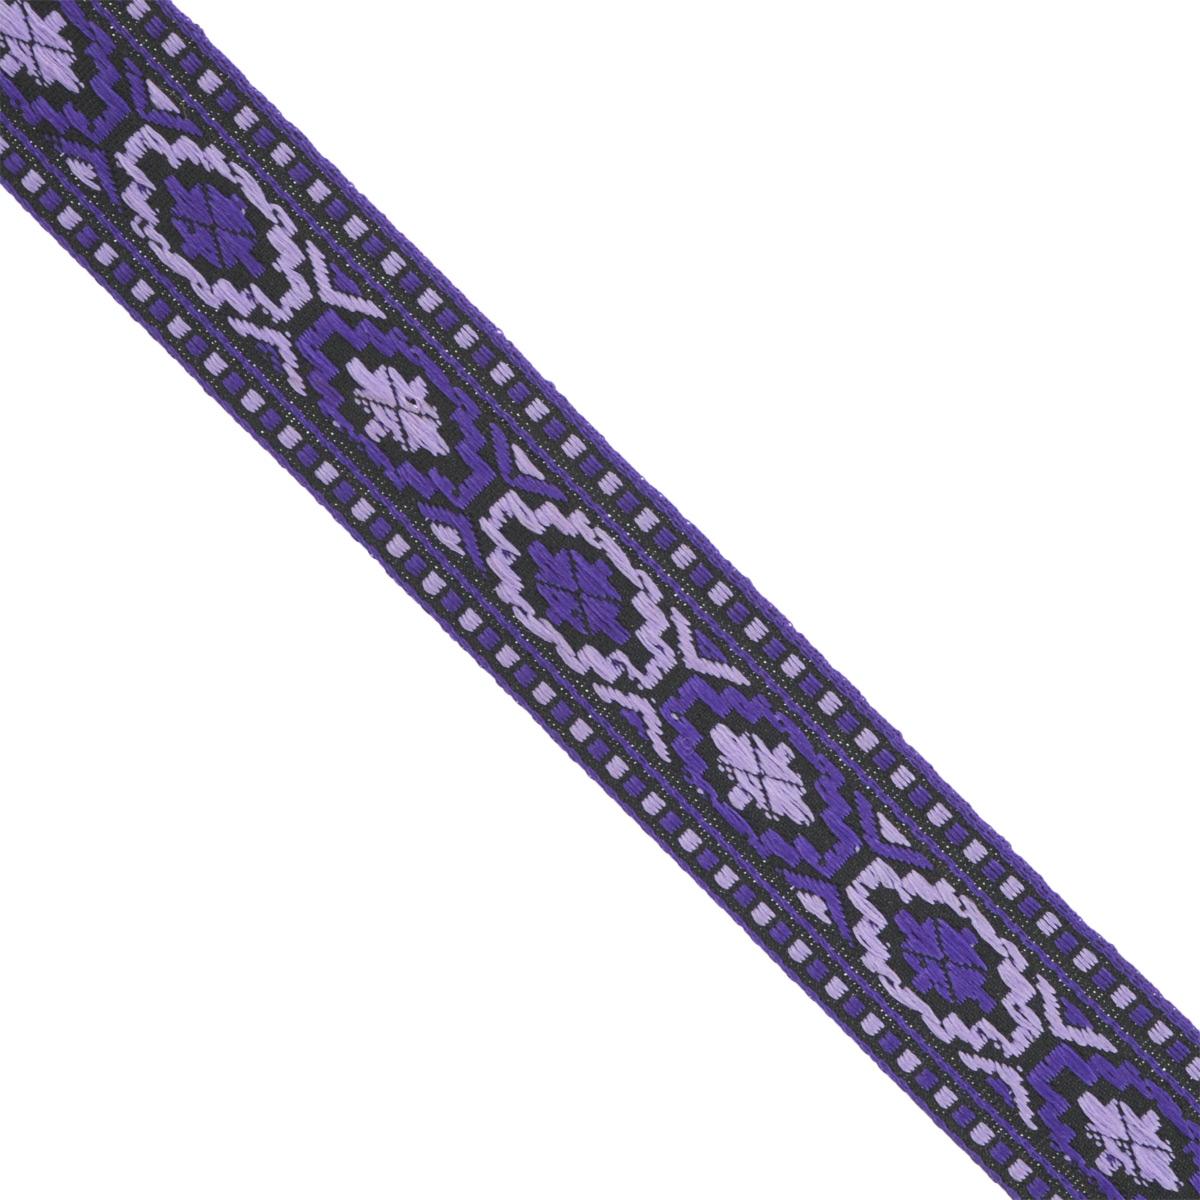 Тесьма декоративная Астра, цвет: ярко-фиолетовый (1), ширина 2 см, длина 16,4 м. 77032847703284_1Декоративная тесьма Астра выполнена из жаккарда и оформлена оригинальным орнаментом. Такая тесьма идеально подойдет для оформления различных творческих работ таких, как скрапбукинг, аппликация, декор коробок и открыток и многое другое. Тесьма наивысшего качества практична в использовании. Она станет незаменимым элементом в создании рукотворного шедевра. Ширина: 2 см. Длина: 16,4 м.